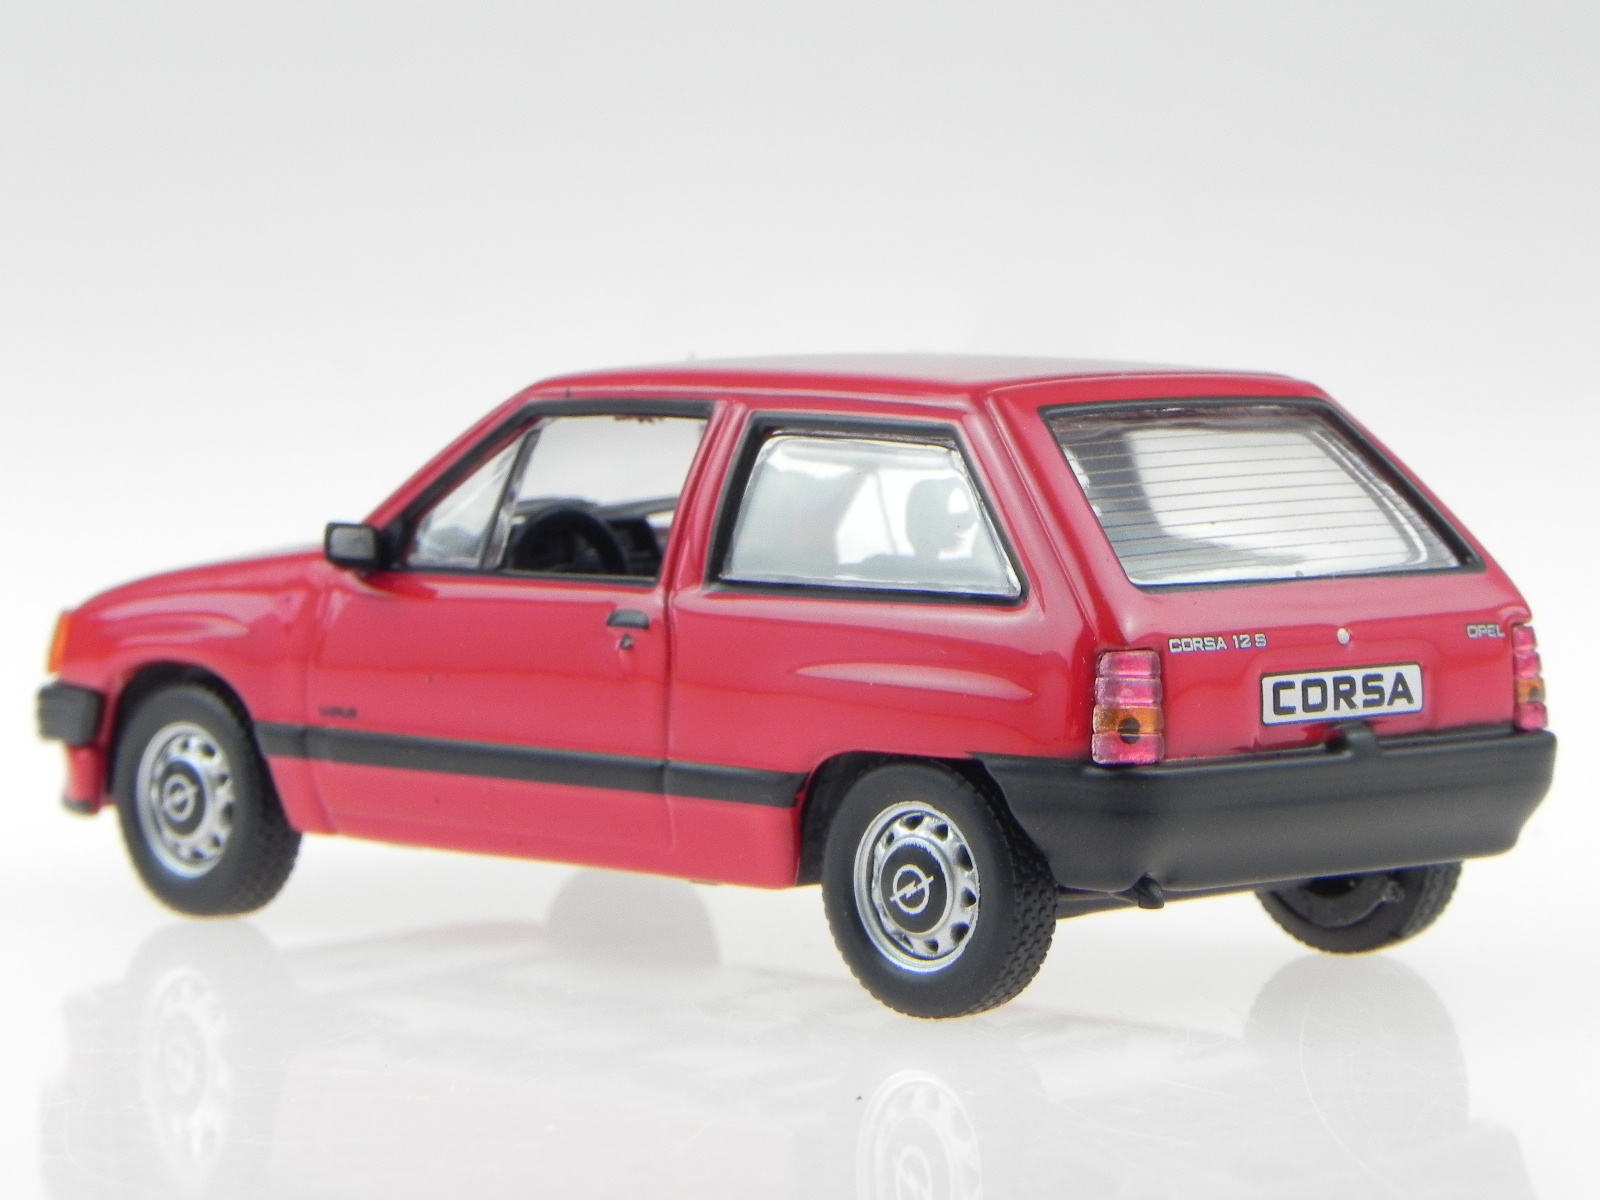 Opel Corsa A Rot Modellauto In Vitrine 1 43 Eur 29 99 Yj99i Com De